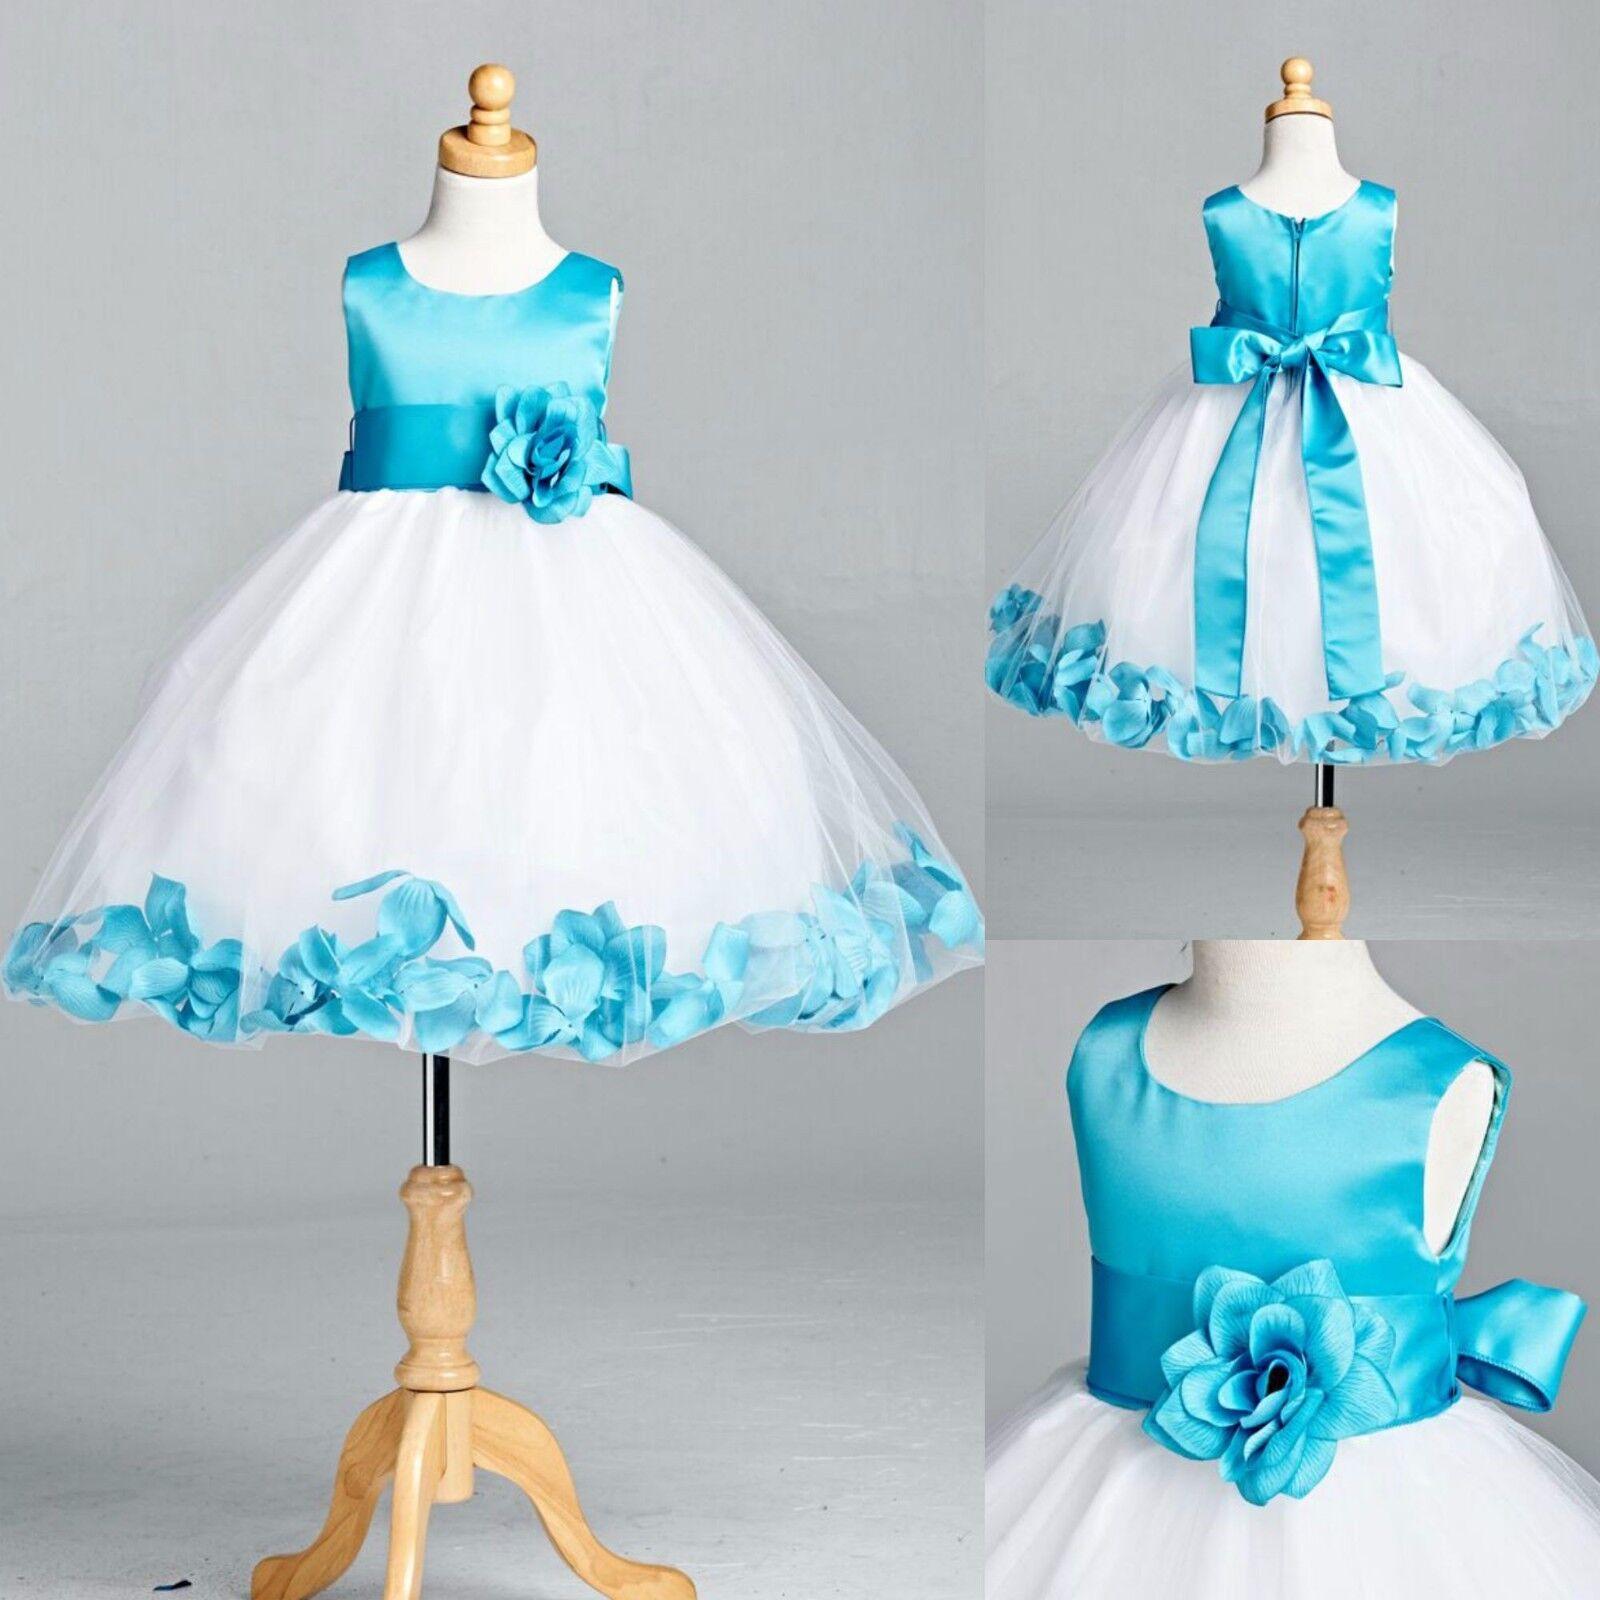 Girls Clothing -Sizes 4 & Up- , Kids Clothing, Shoes & Accs ...